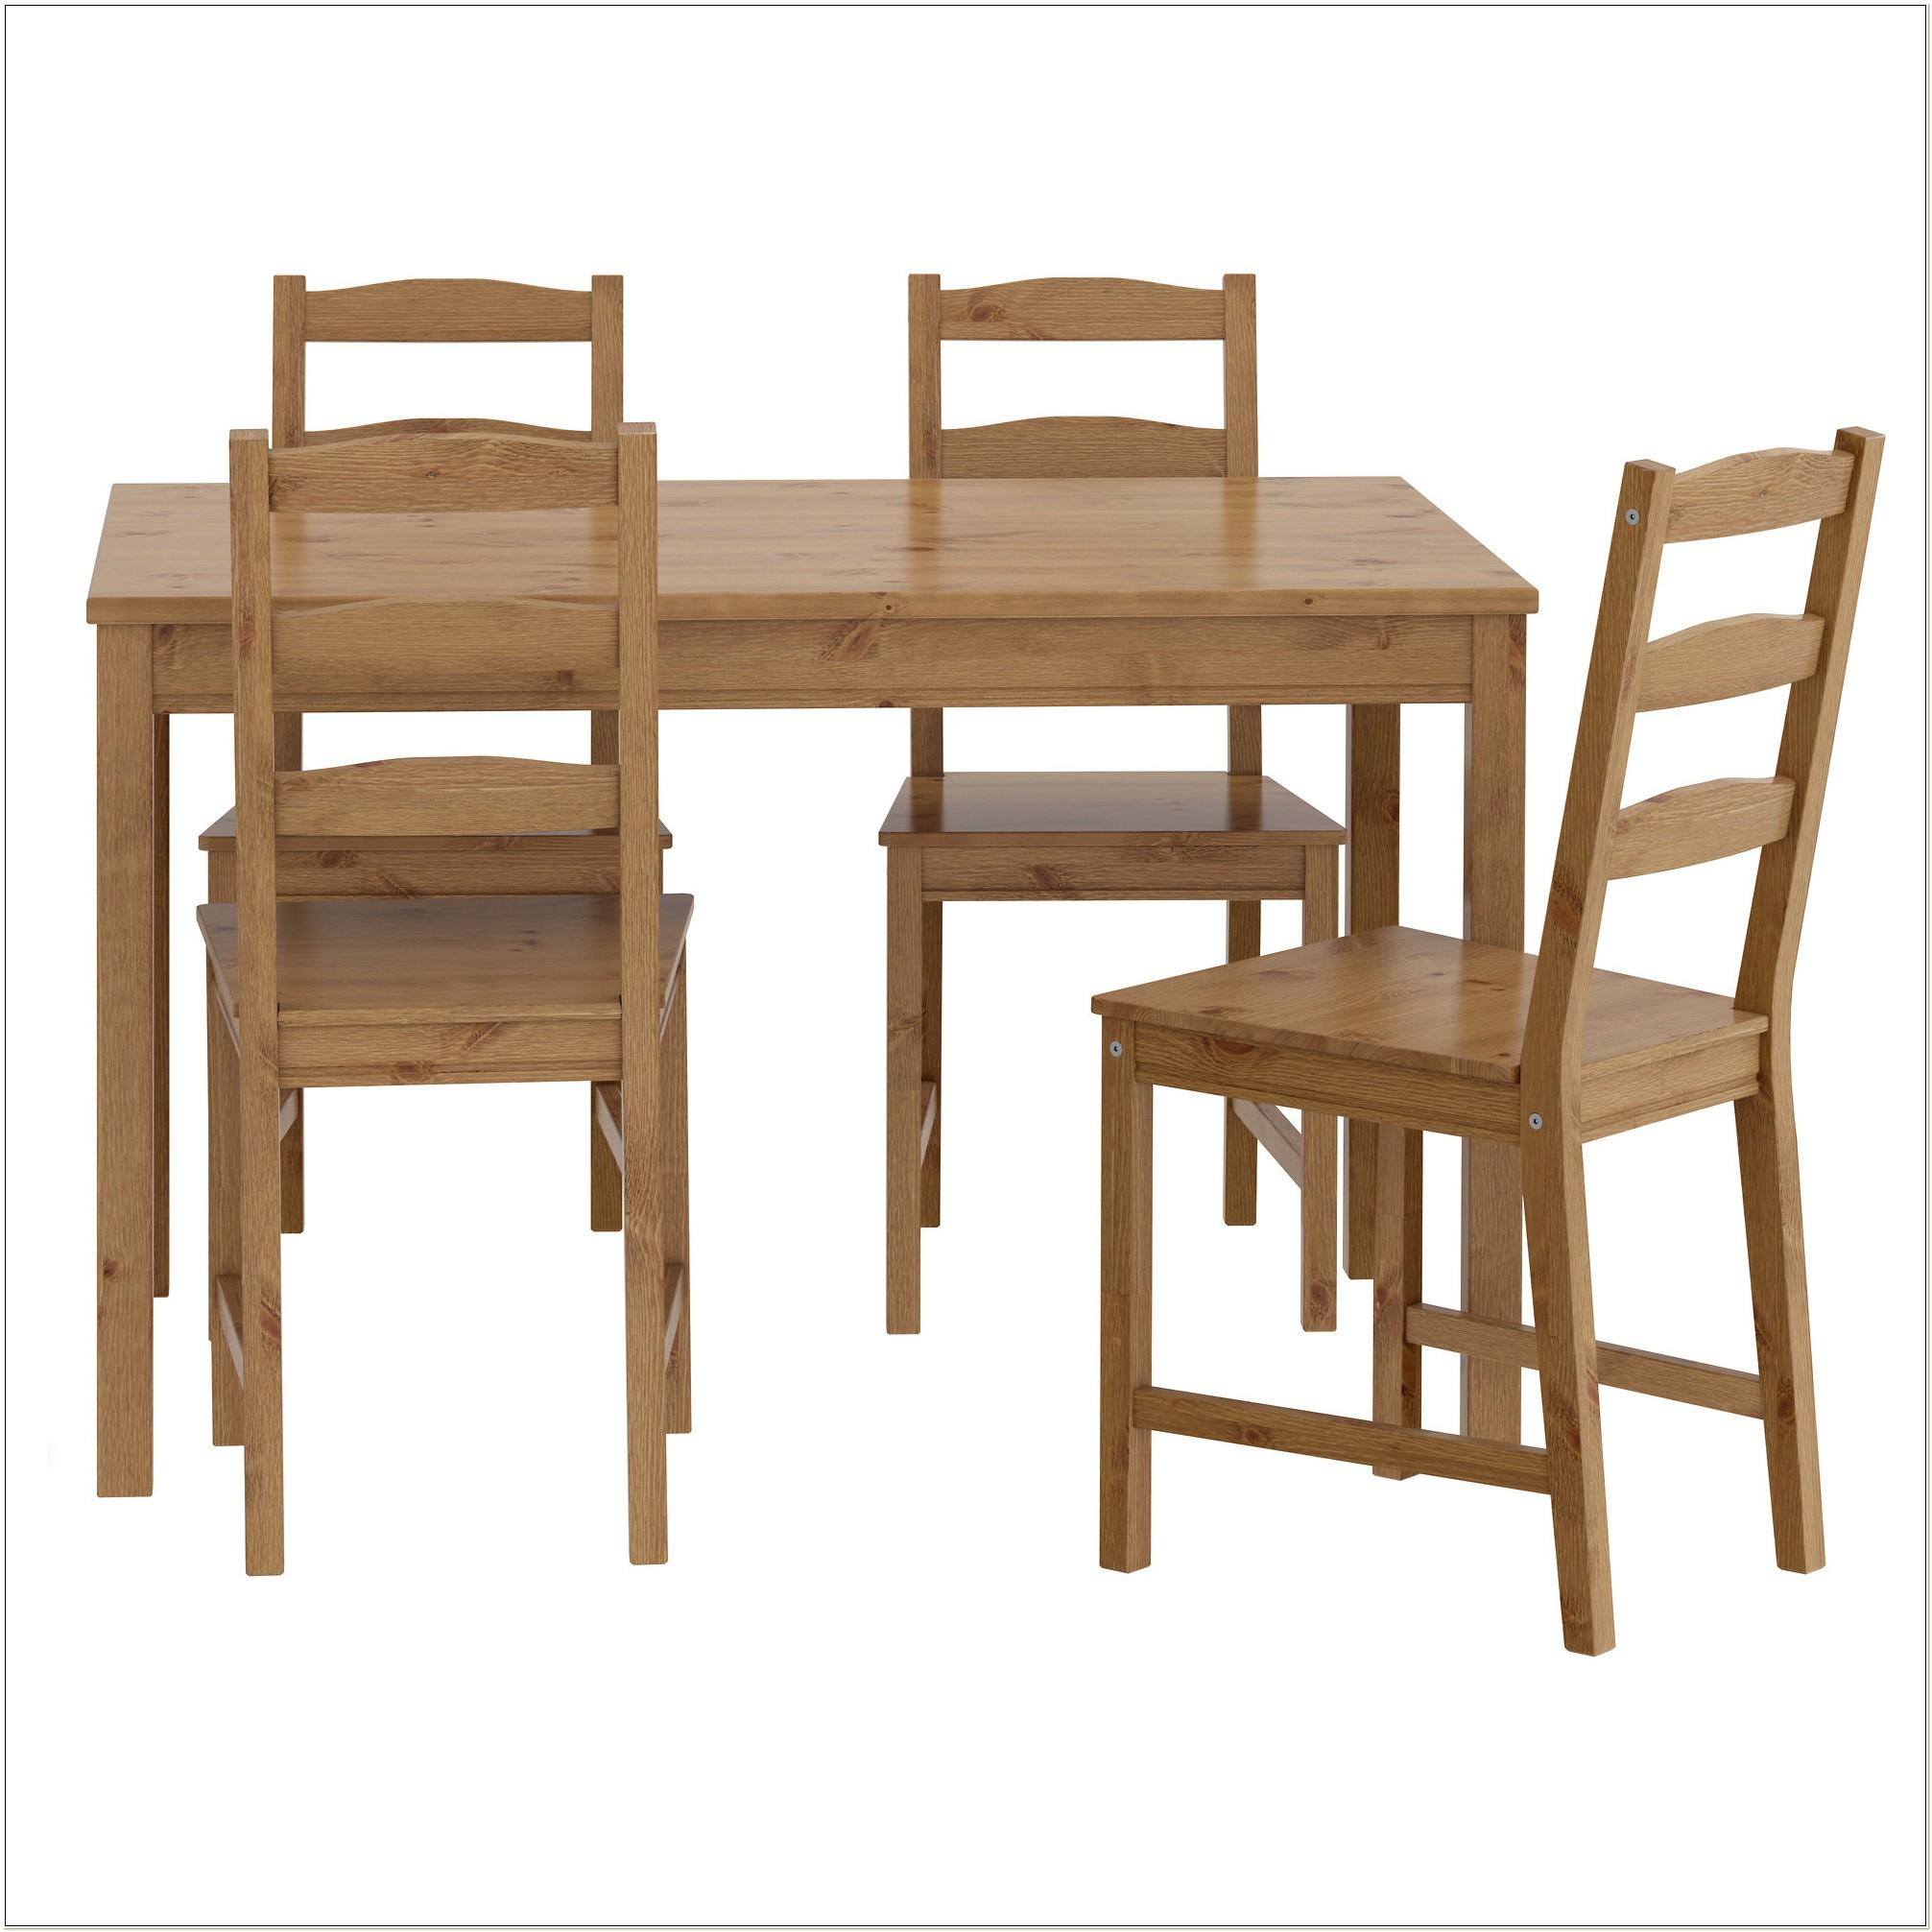 Ikea Edmonton Kitchen Table And Chairs